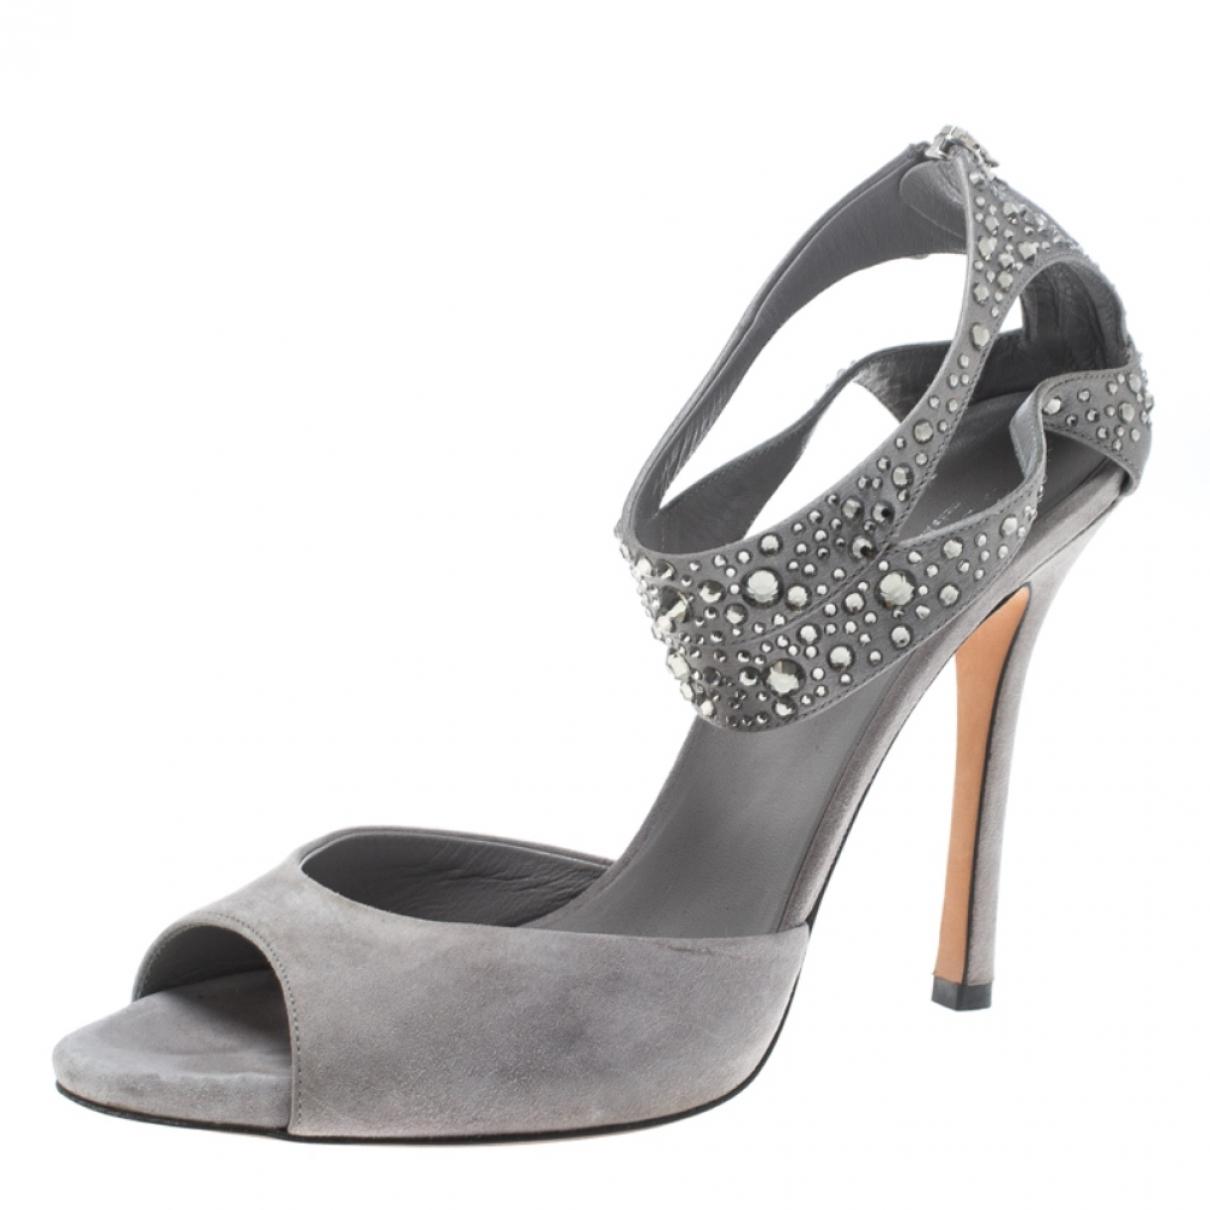 Gucci - Sandales   pour femme en suede - gris